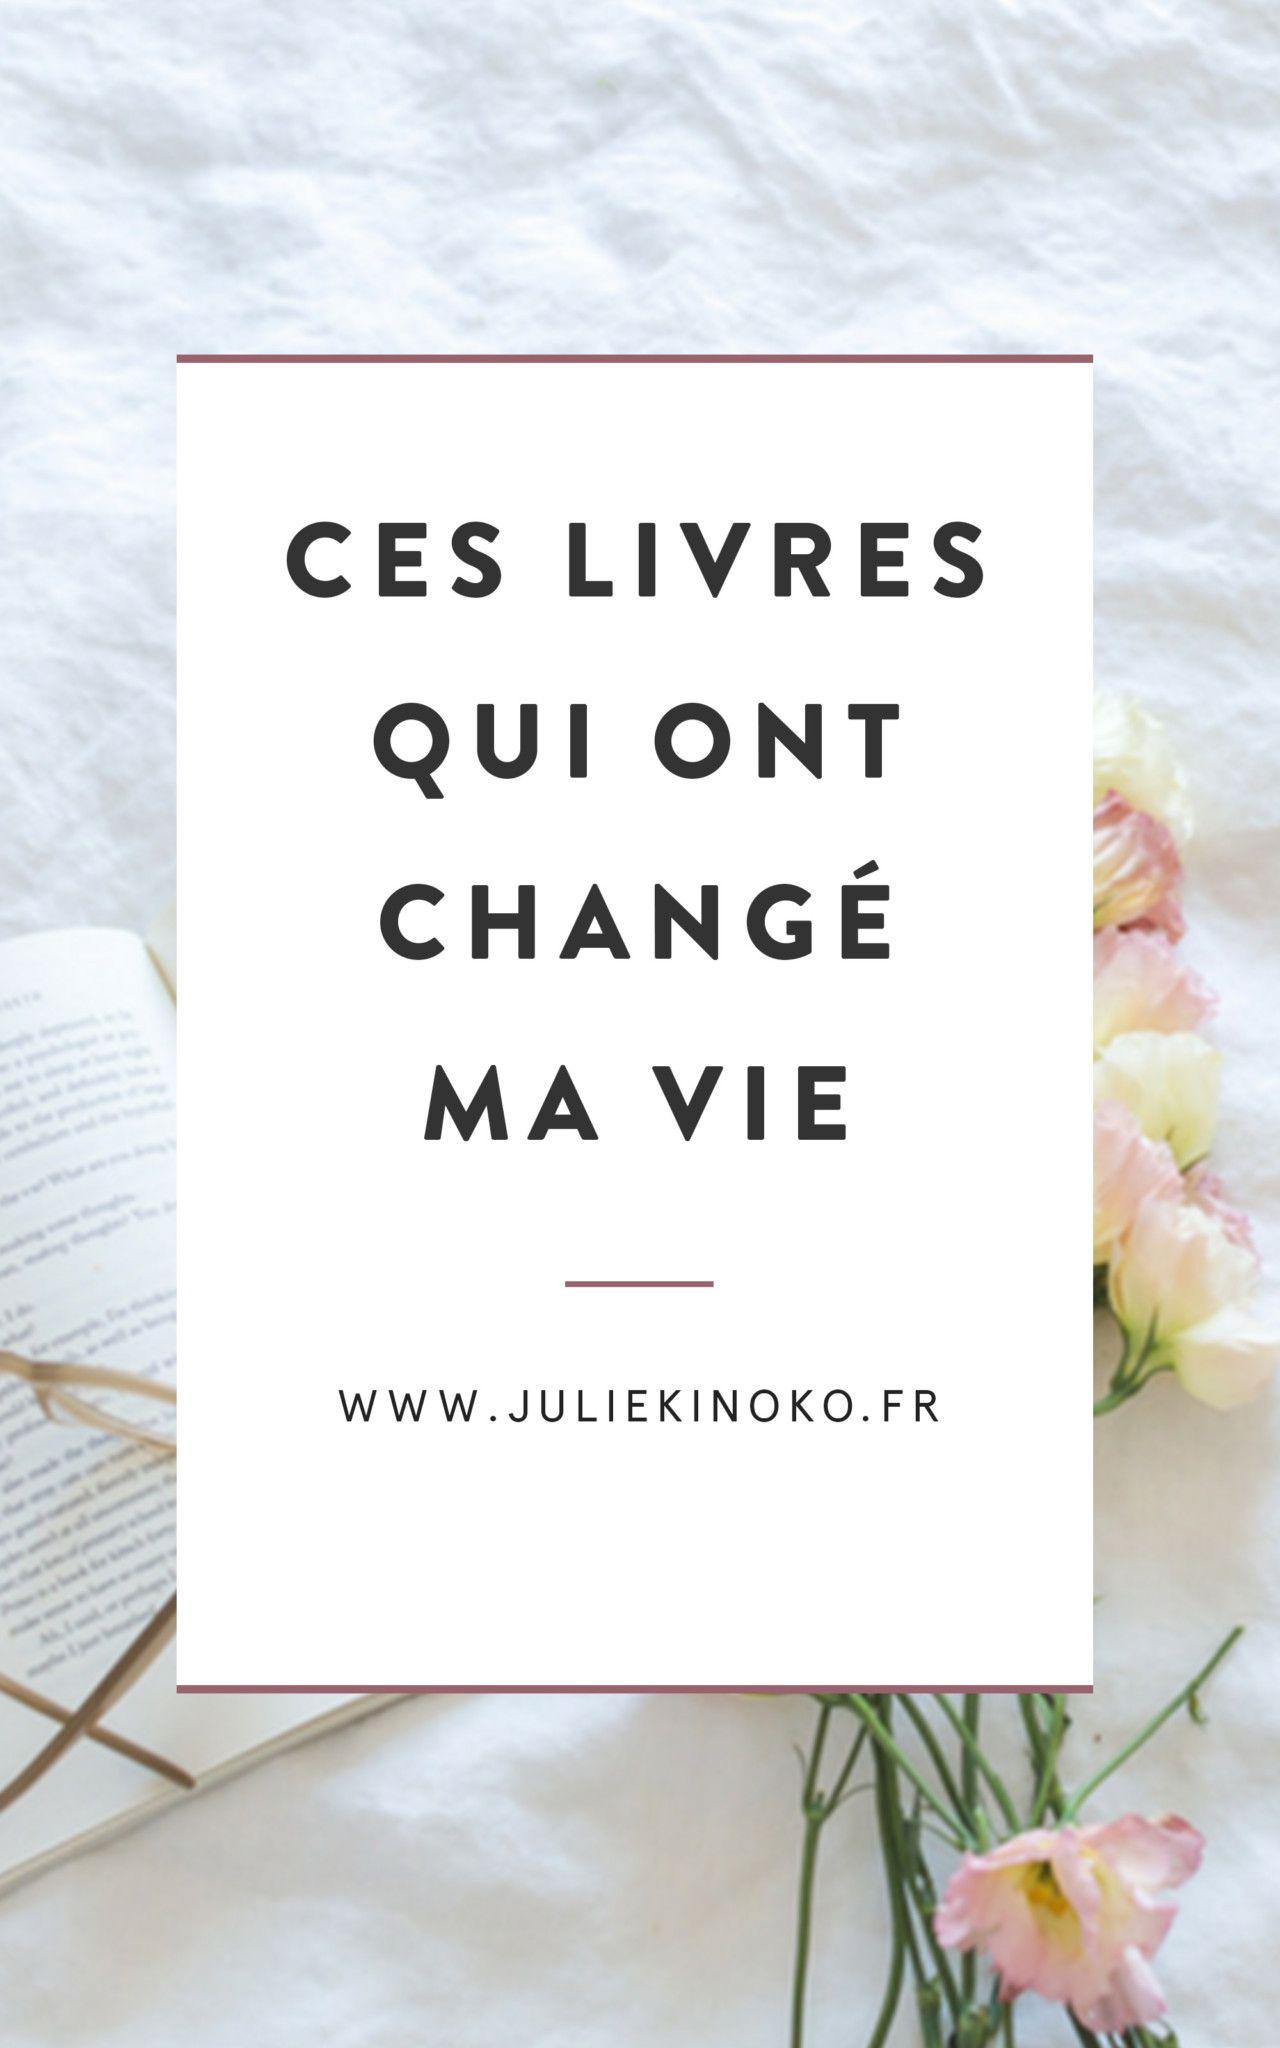 Livre Qui Change La Vie : livre, change, Livres, Changé, Podcast, Être, Changer, Livre